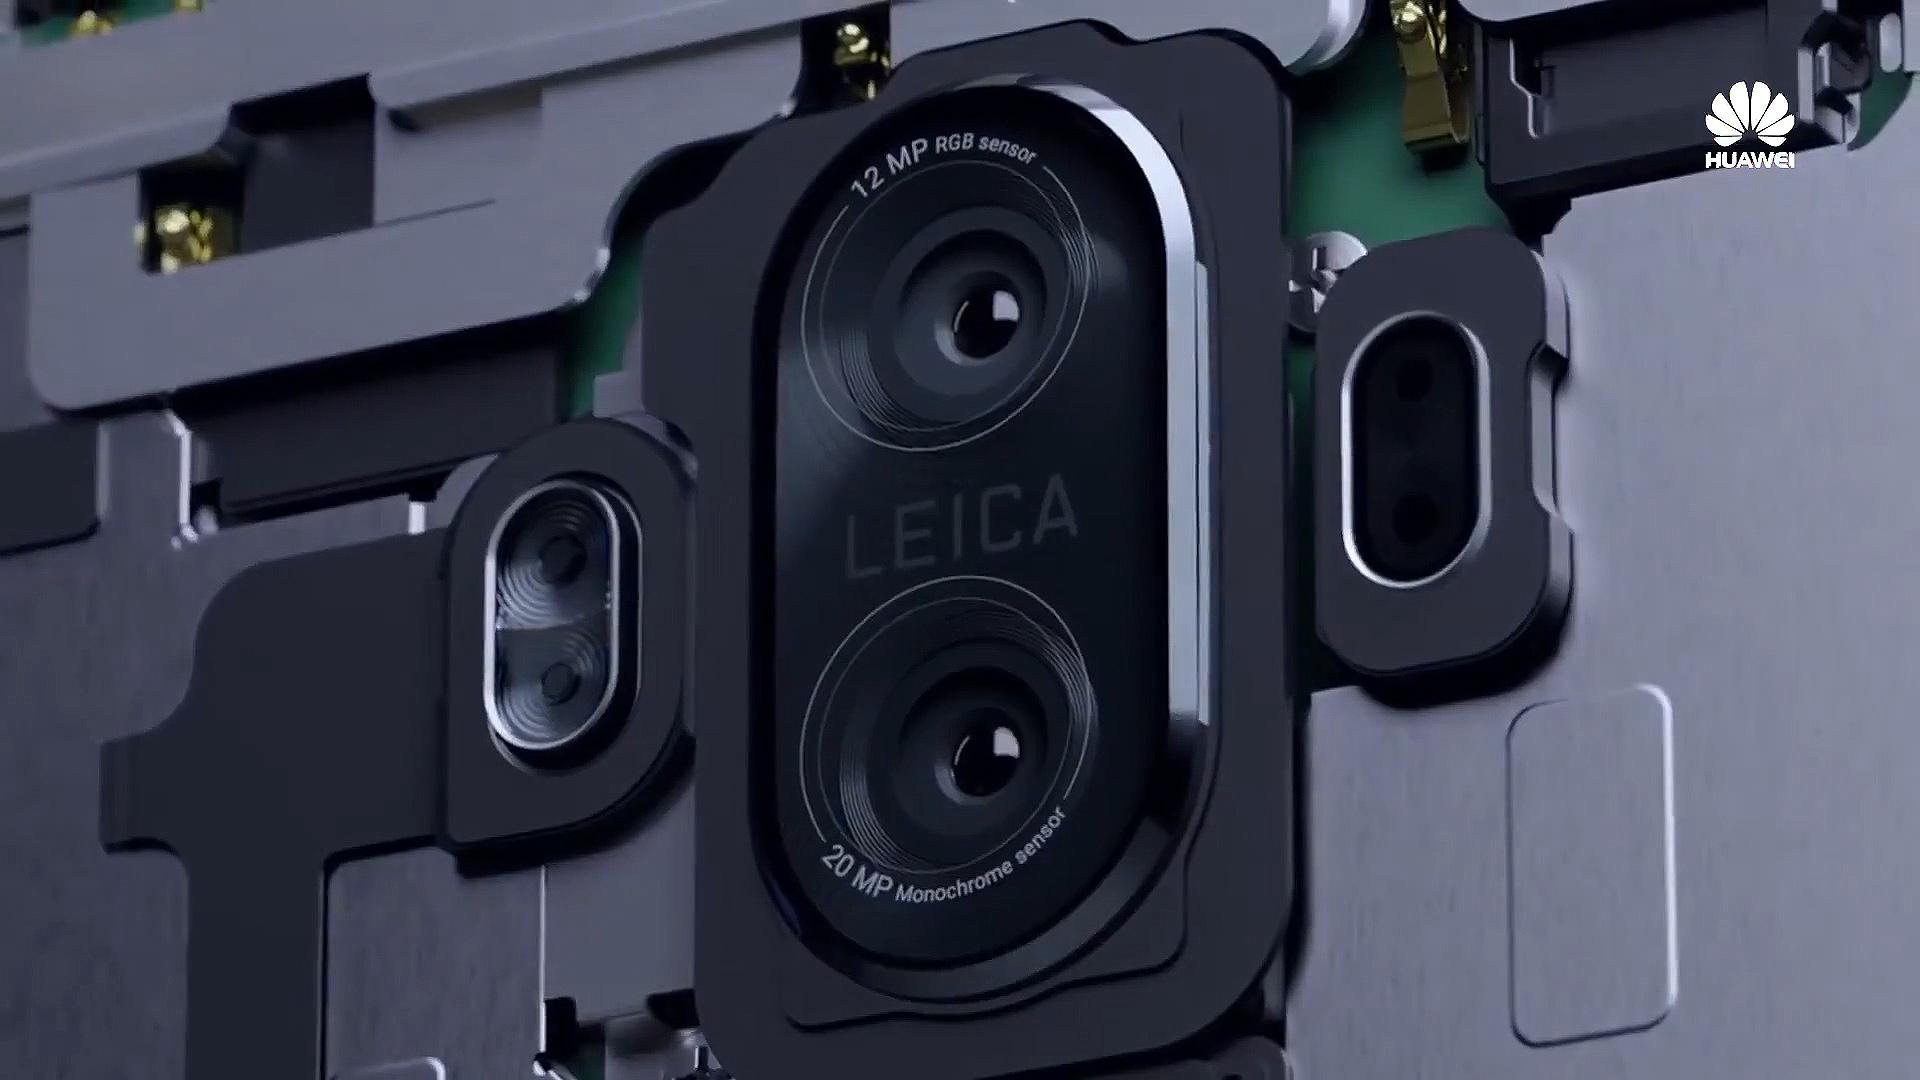 Pixel 2 : Google a-t-il tué les doubles capteurs photo ?